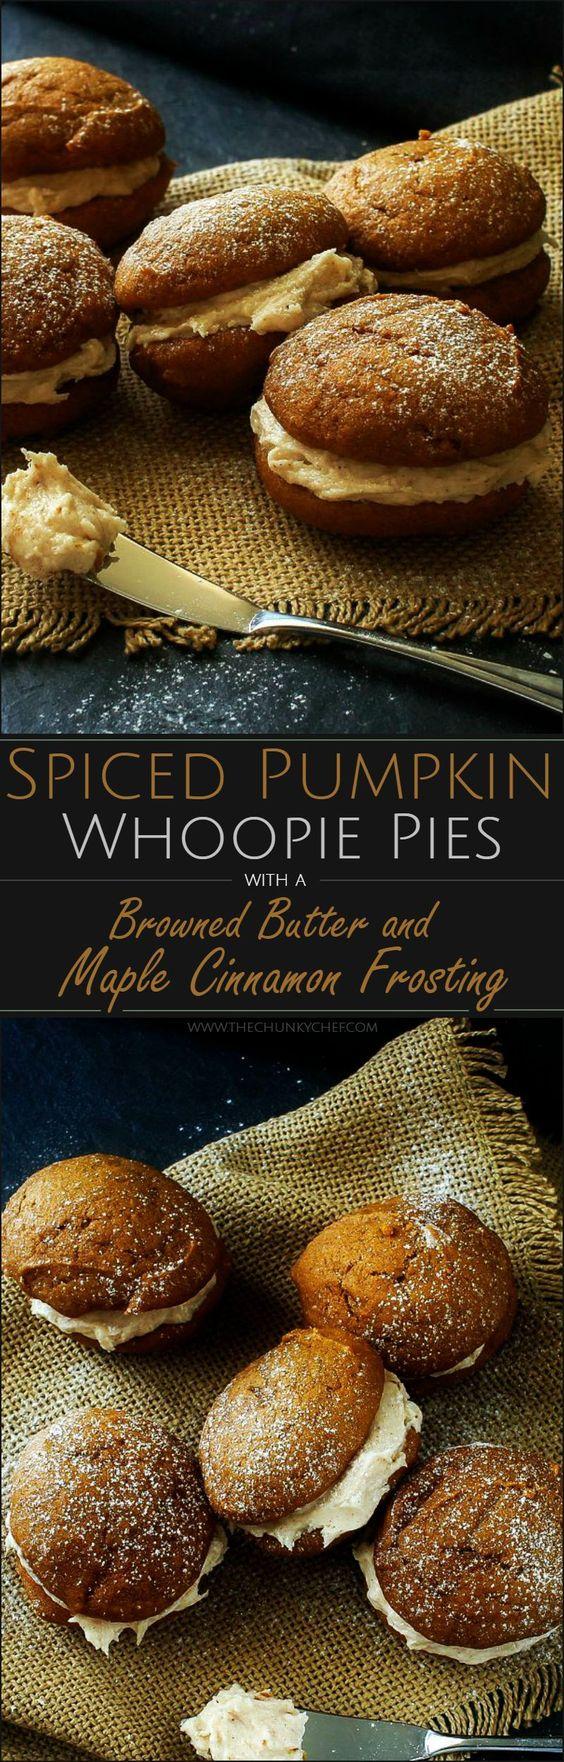 Thanksgiving Desserts: Spiced Pumpkin Whoopie Pies